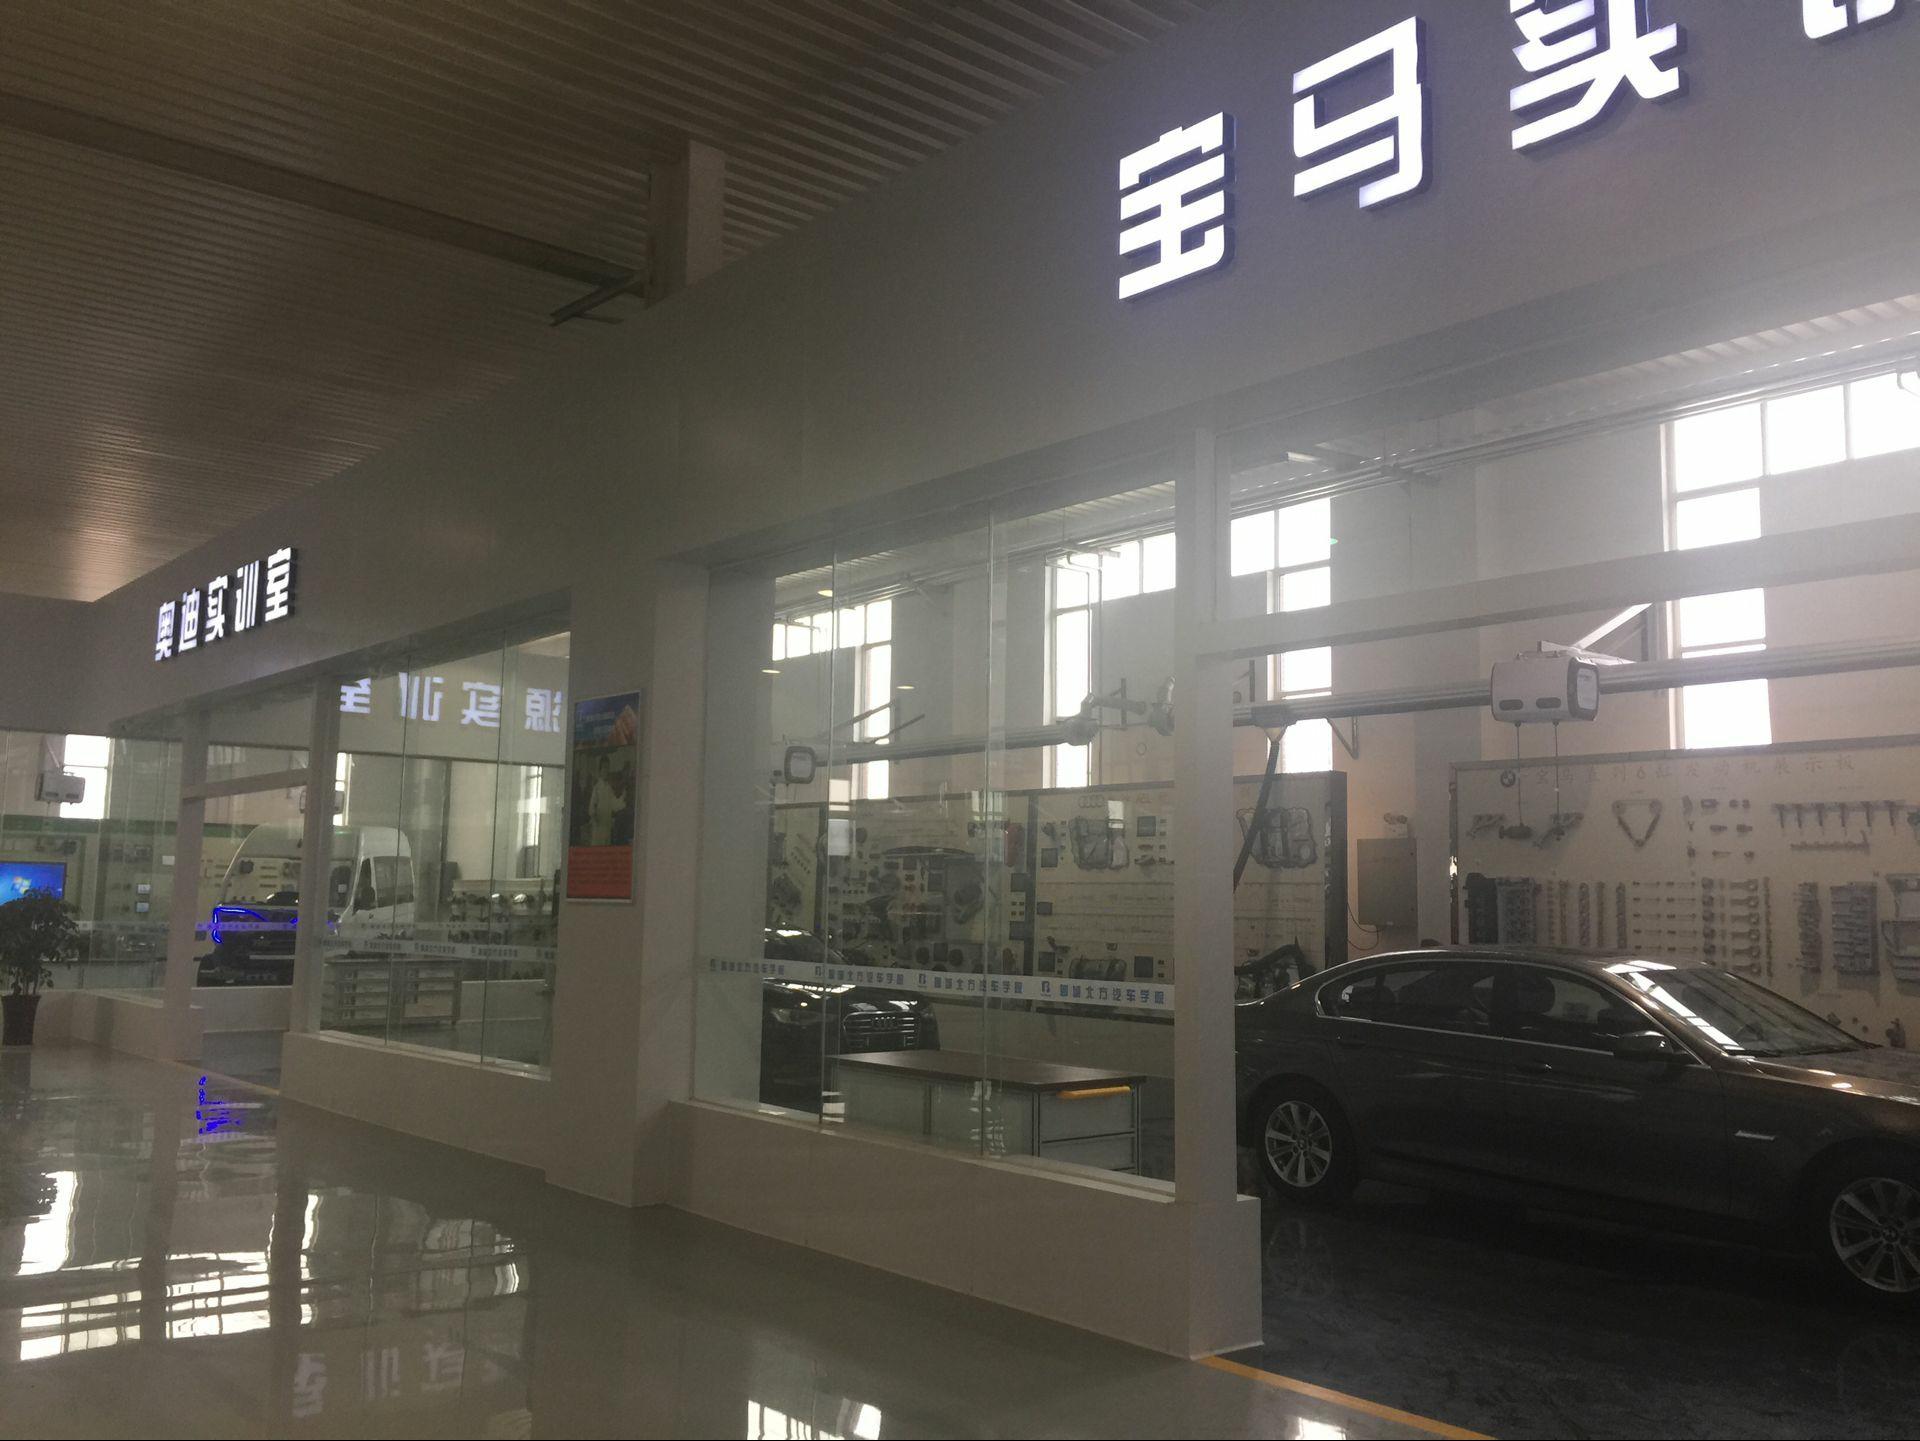 聊城北方汽修学校